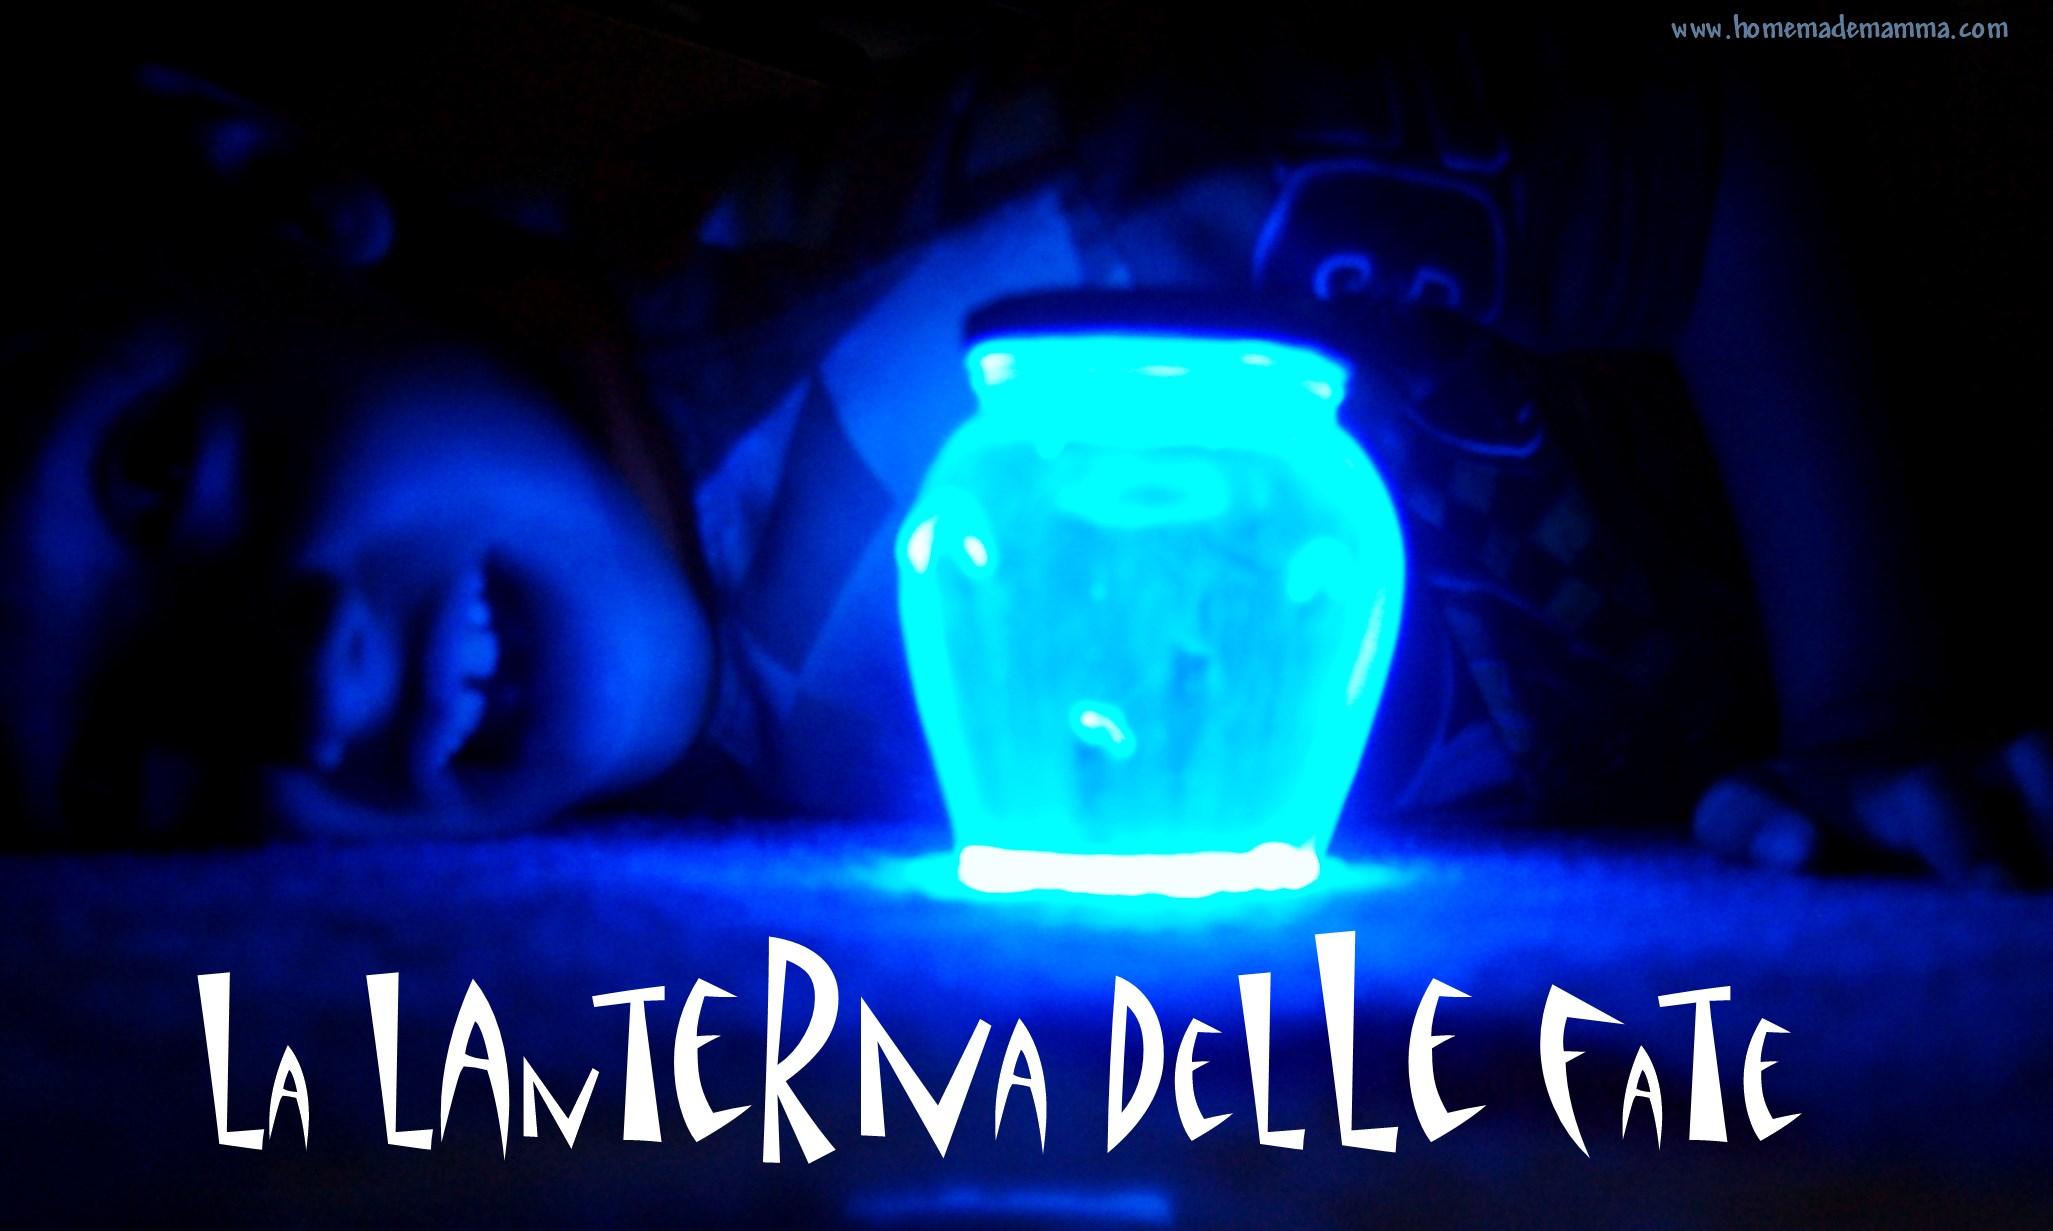 Abracadabra: la lanterna delle fate perfetta per l'estate